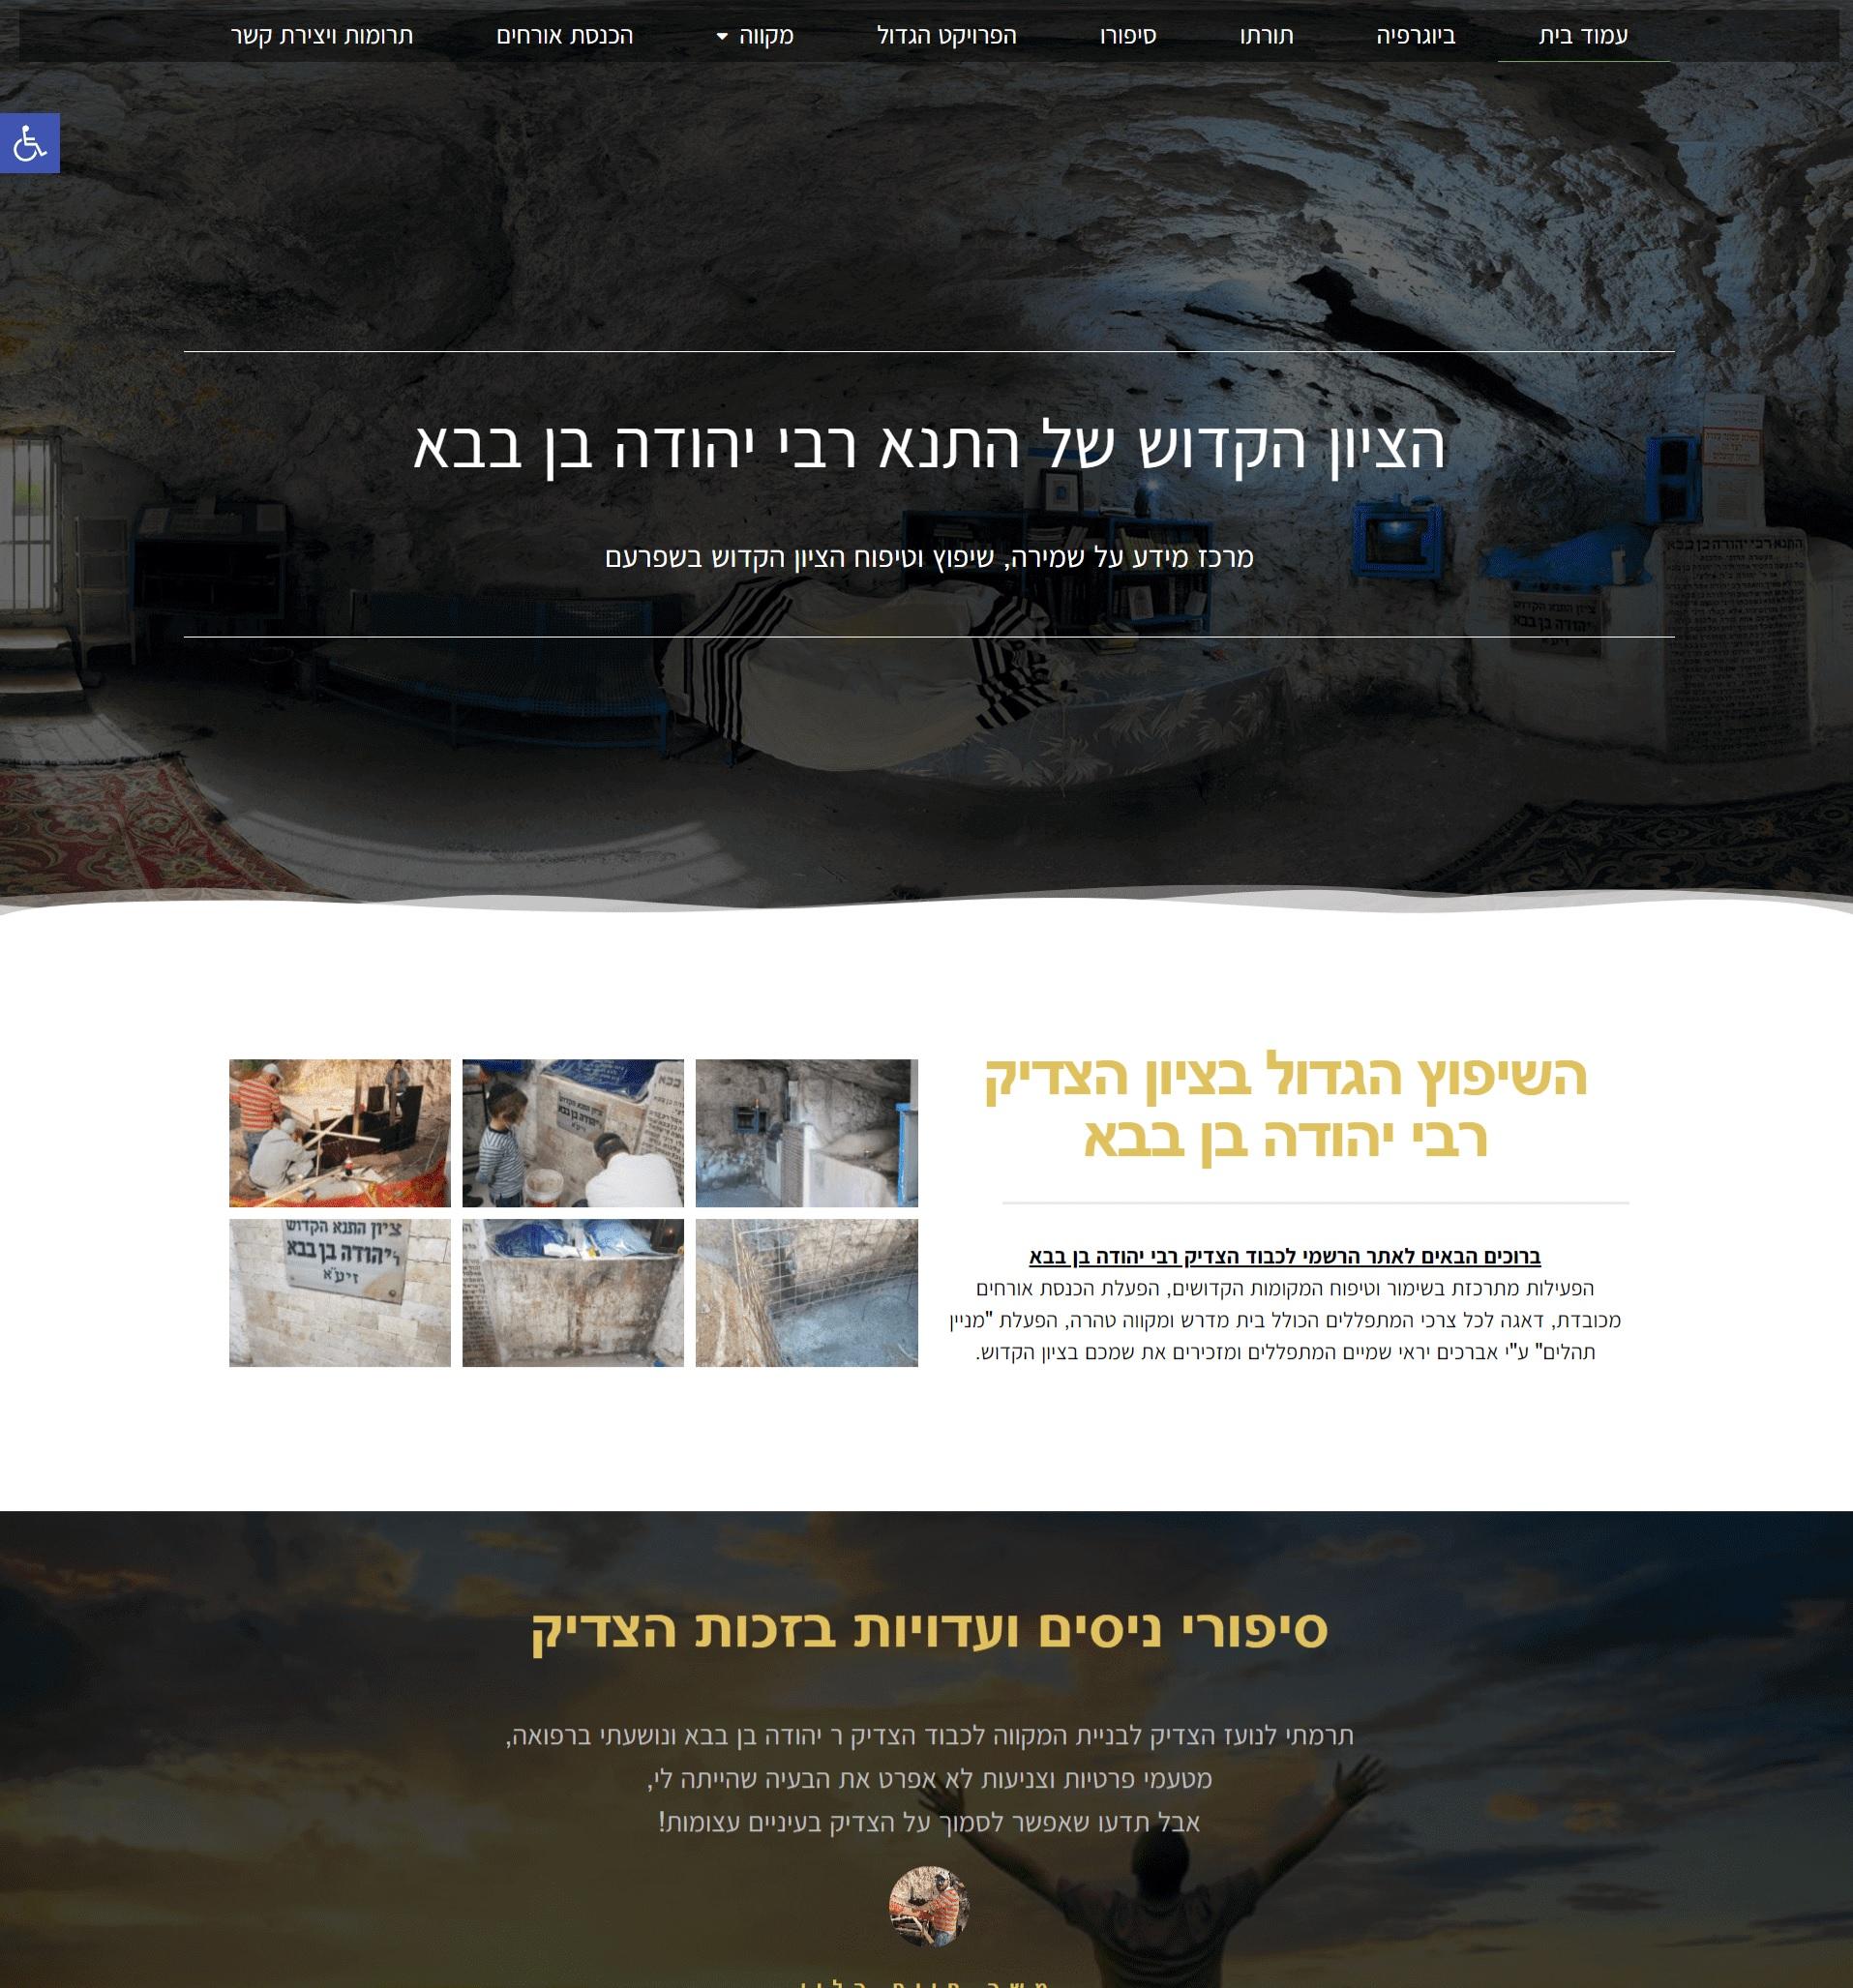 חצי תמונת מסך תצוגה אתר לקידום המקום הקדוש בשפרעם התנא רבי יהודה בן בבא